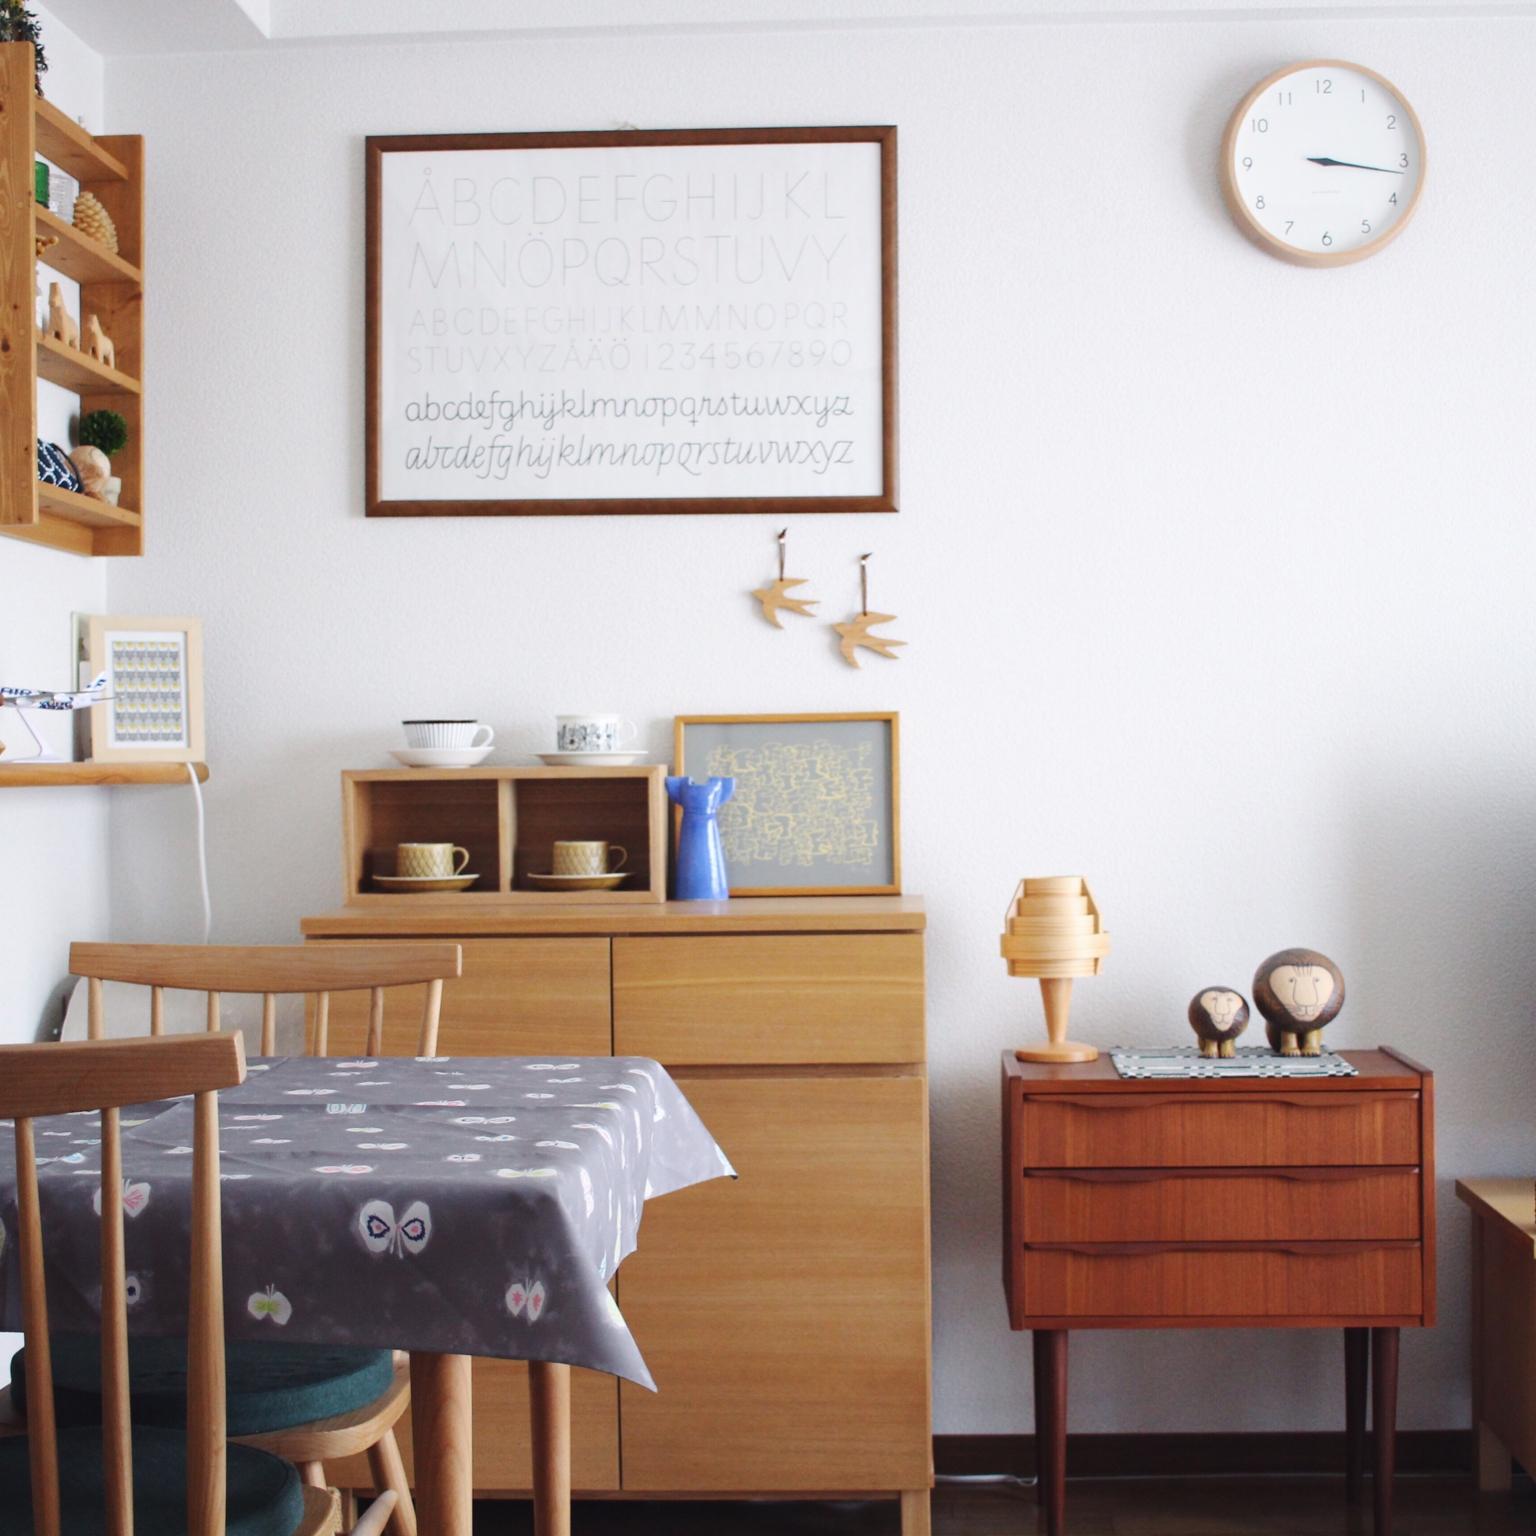 家族皆に優しく心地いい。北欧風リビングの作り方 | RoomClip mag | 暮らしとインテリアのwebマガジン